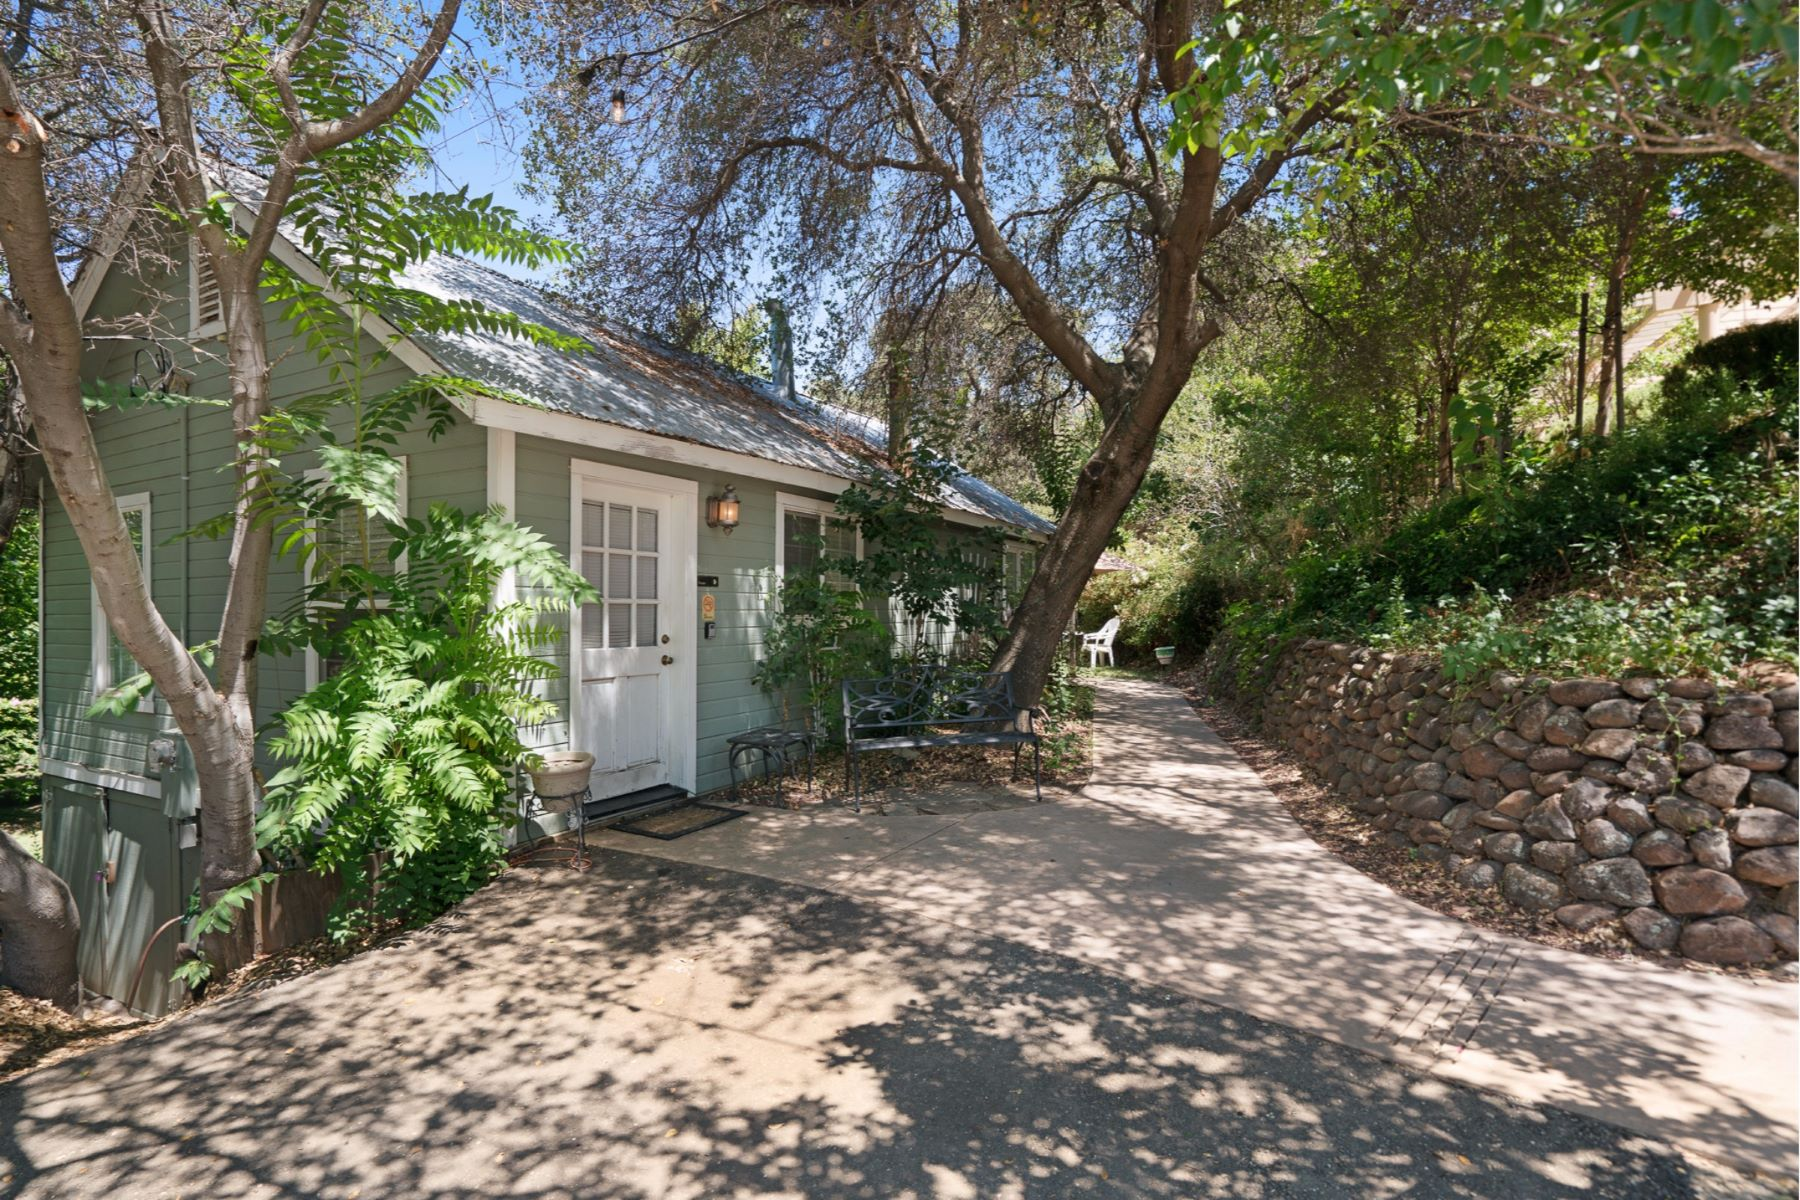 其他住宅 為 出售 在 128 Hanford Street 128 Hanford Street Sutter Creek, 加利福尼亞州, 95685 美國